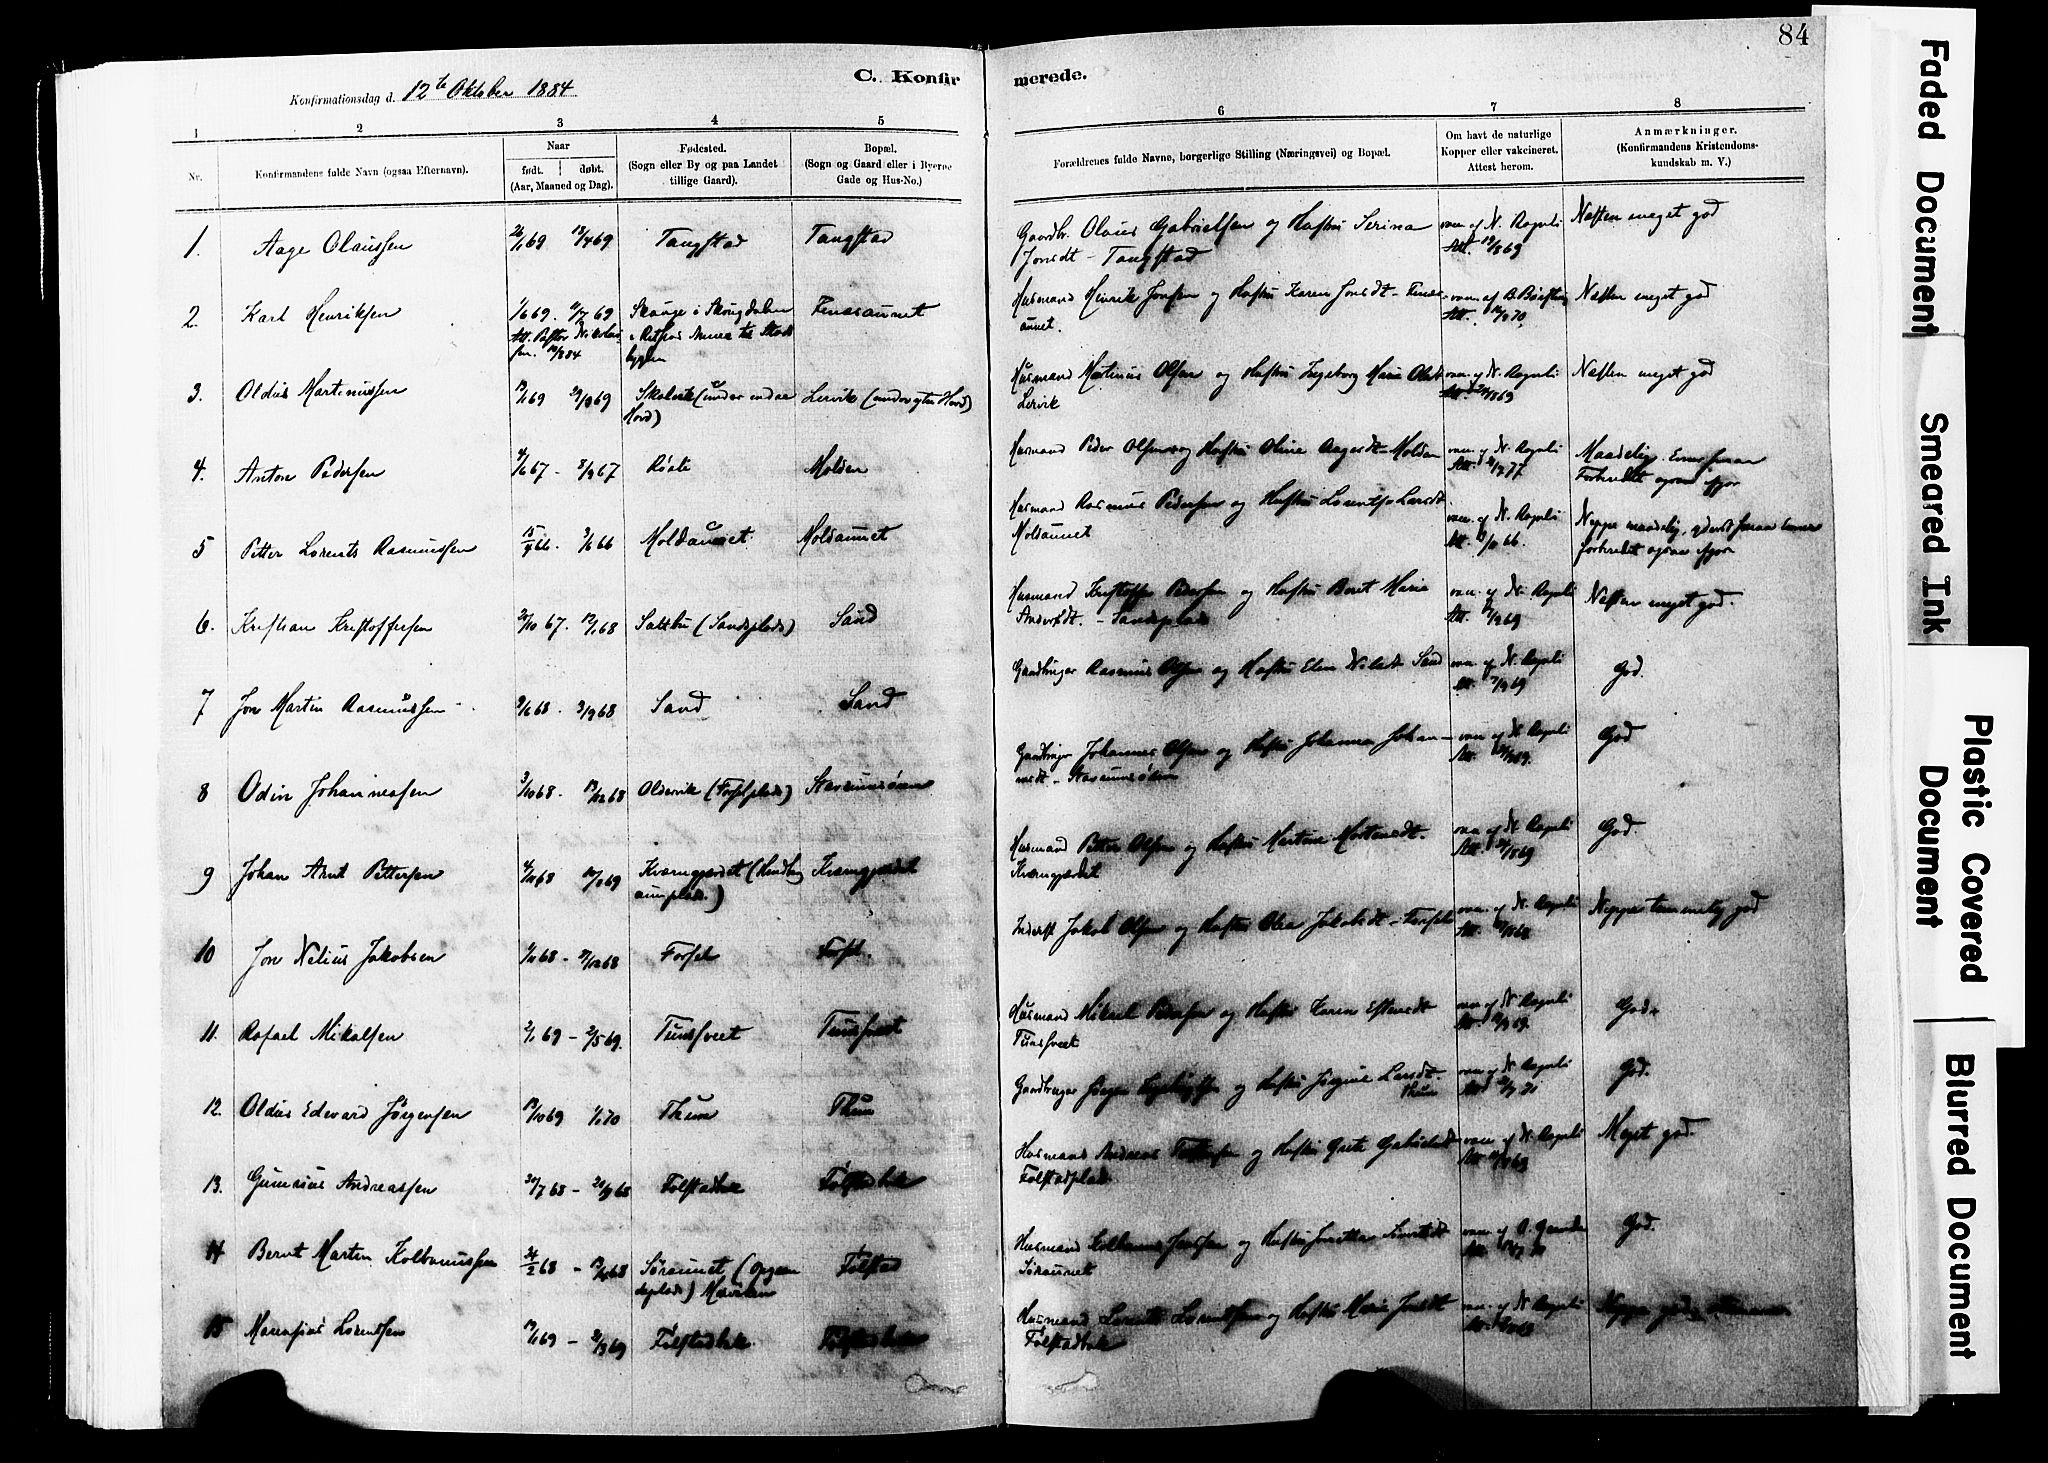 SAT, Ministerialprotokoller, klokkerbøker og fødselsregistre - Nord-Trøndelag, 744/L0420: Ministerialbok nr. 744A04, 1882-1904, s. 84